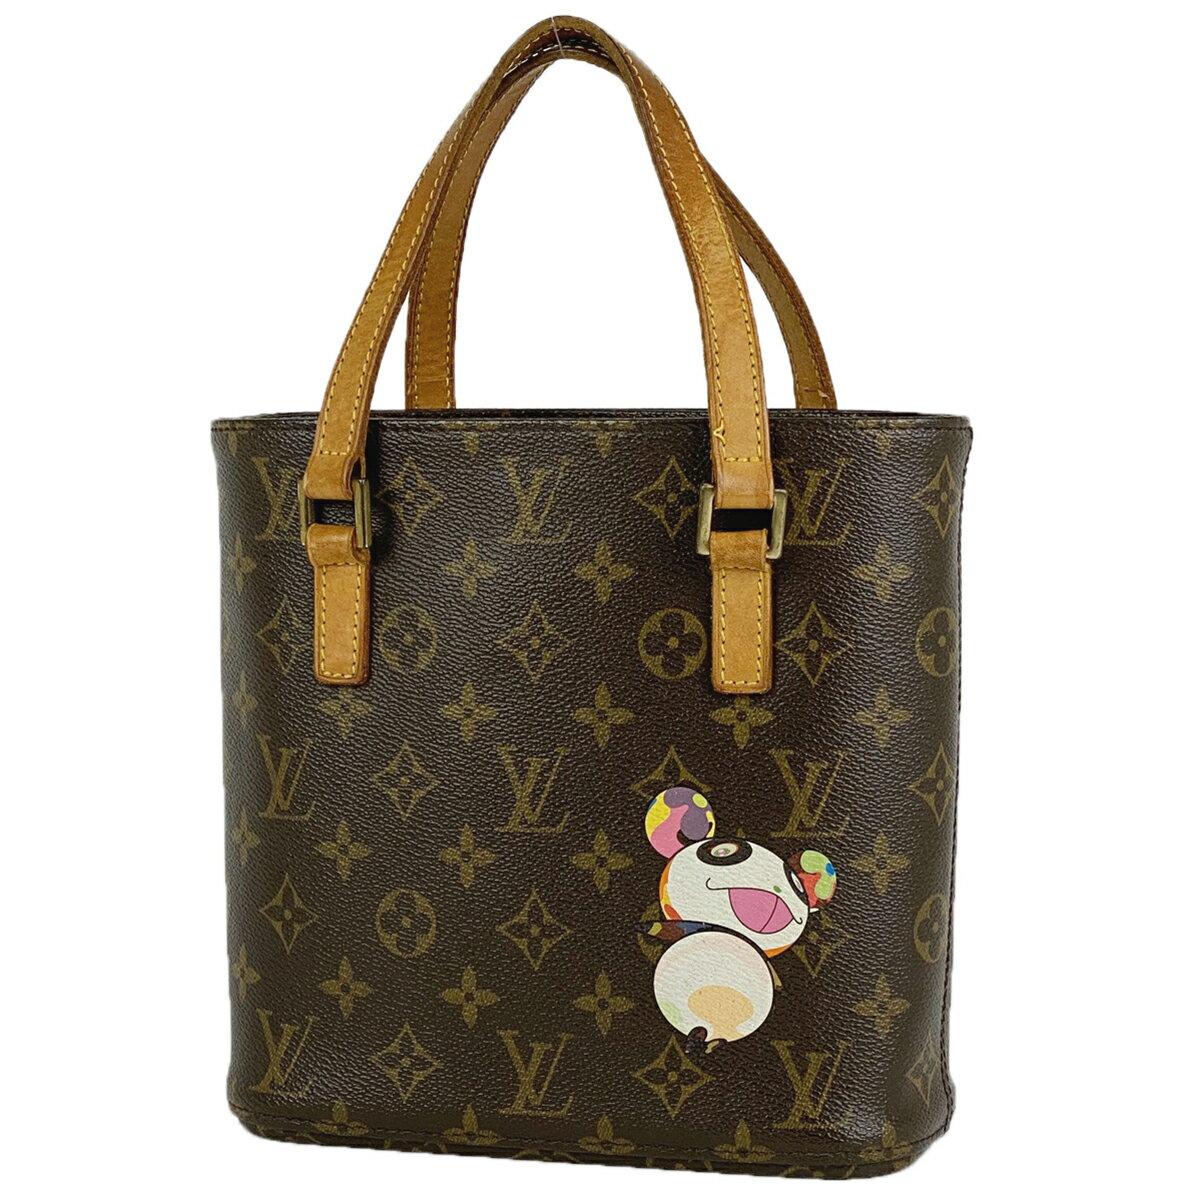 レディースバッグ, トートバッグ  Louis Vuitton PM M51173